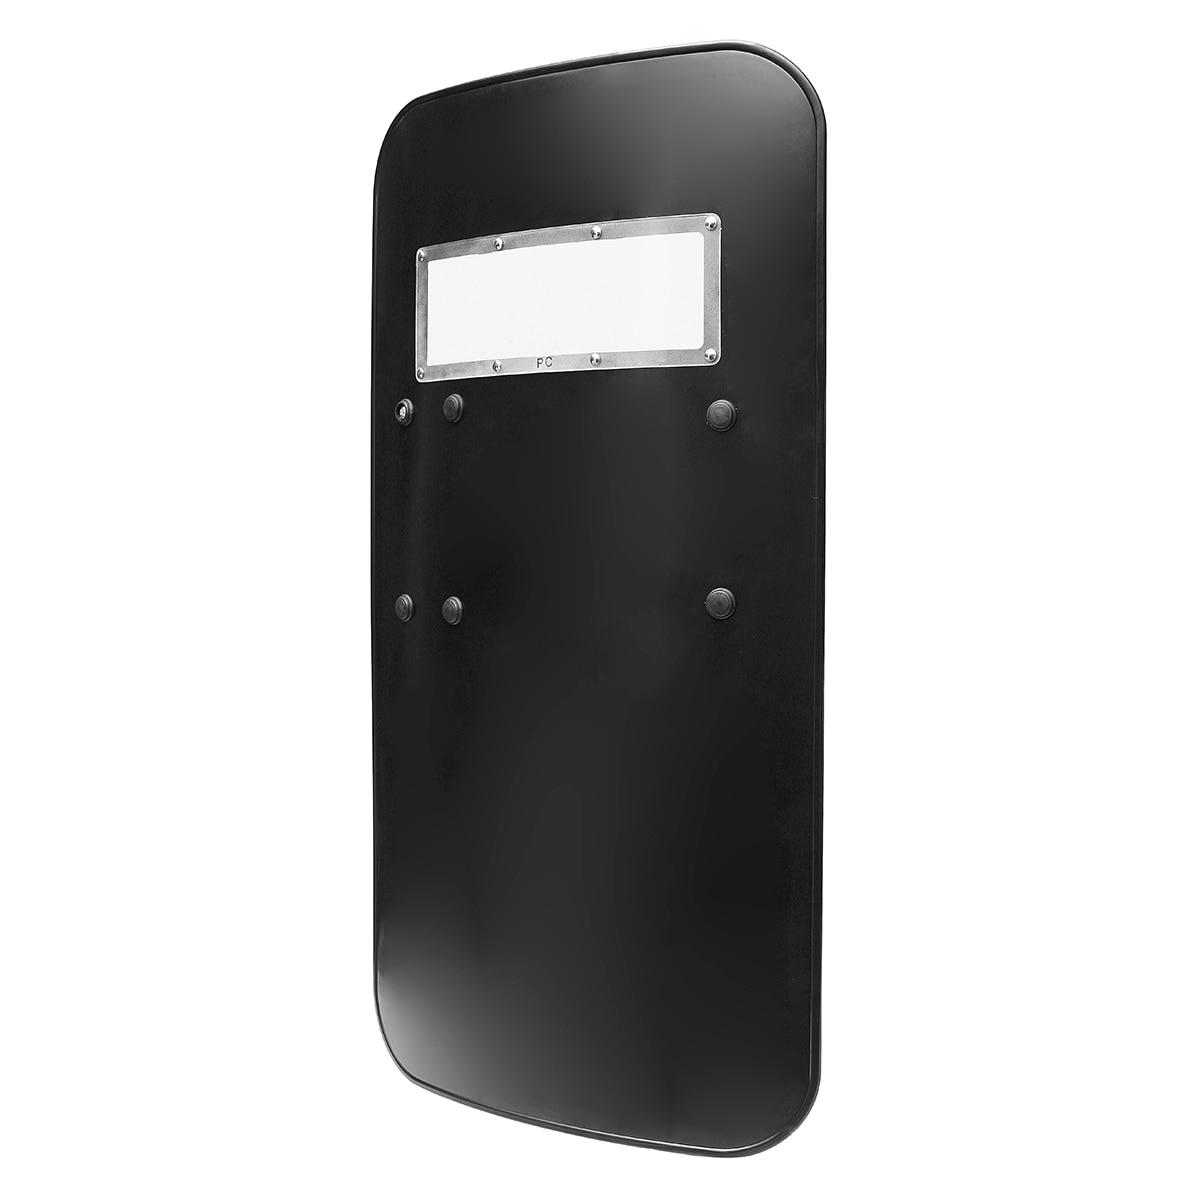 Safurance PC Plastic Tactical Hand-Held Segurança Anti-Motim Escudo de Auto Proteção